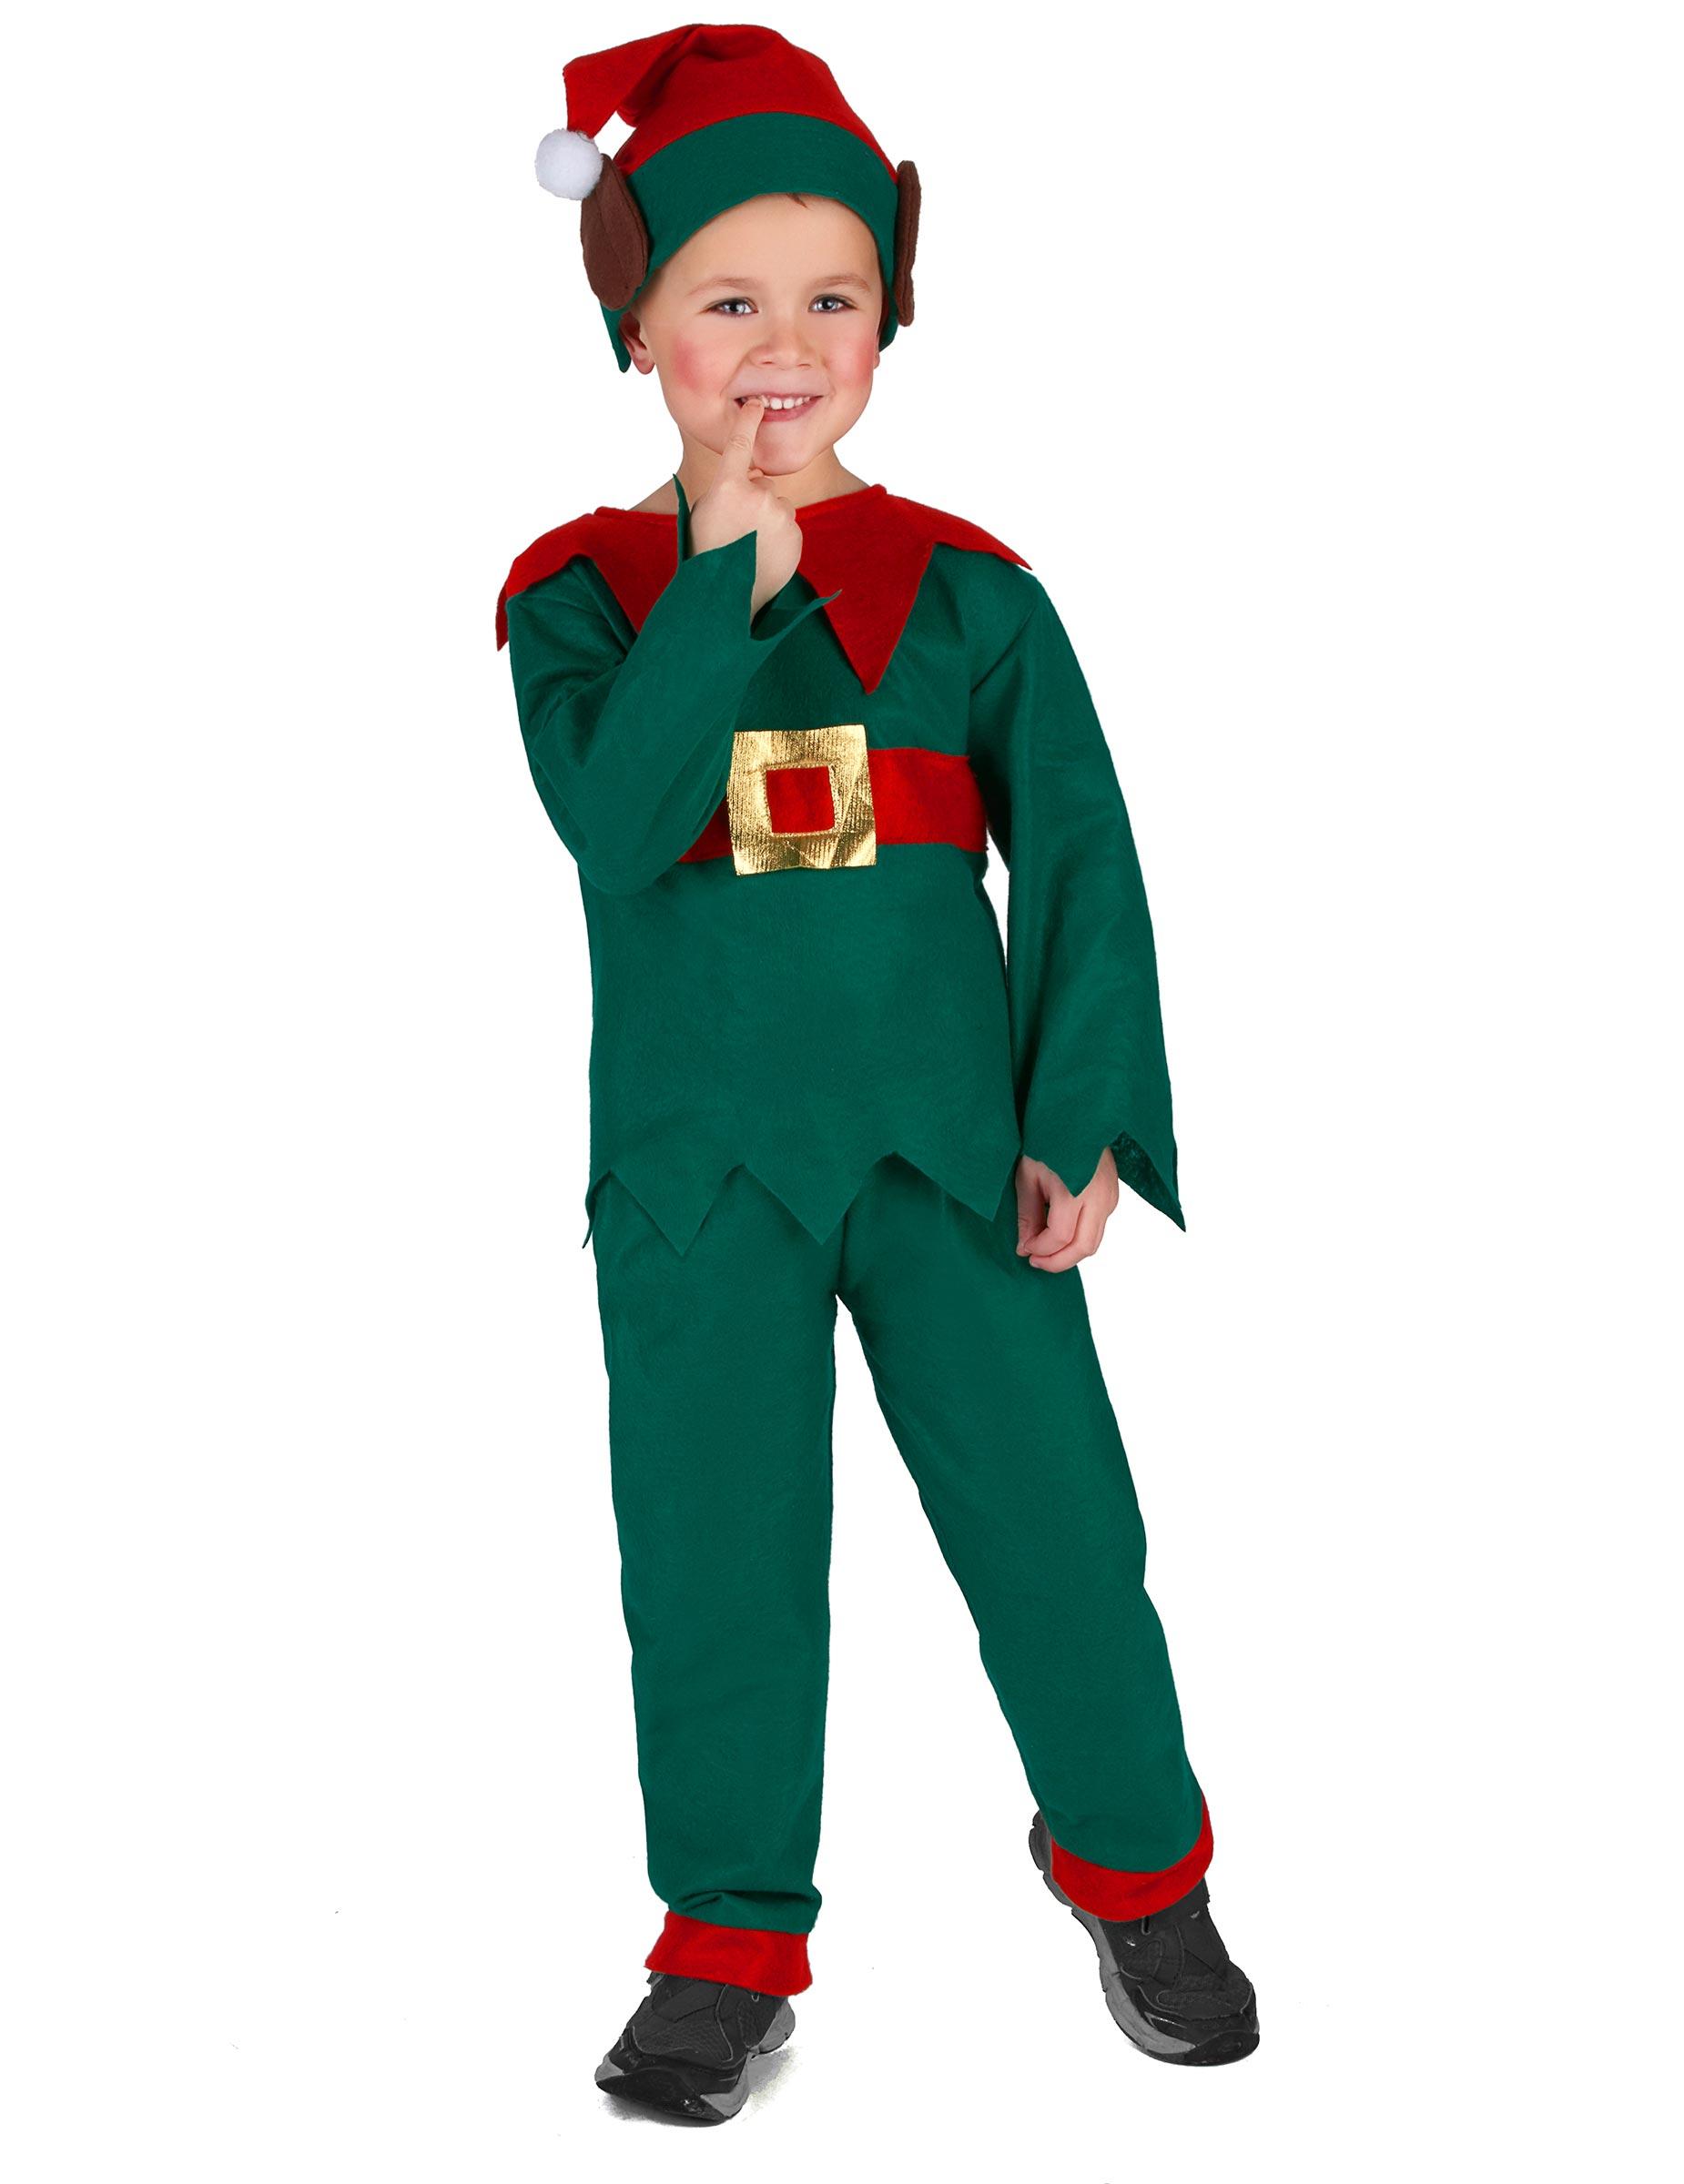 Tomtenissedräkt för barn till jul-2 0390c280493f4